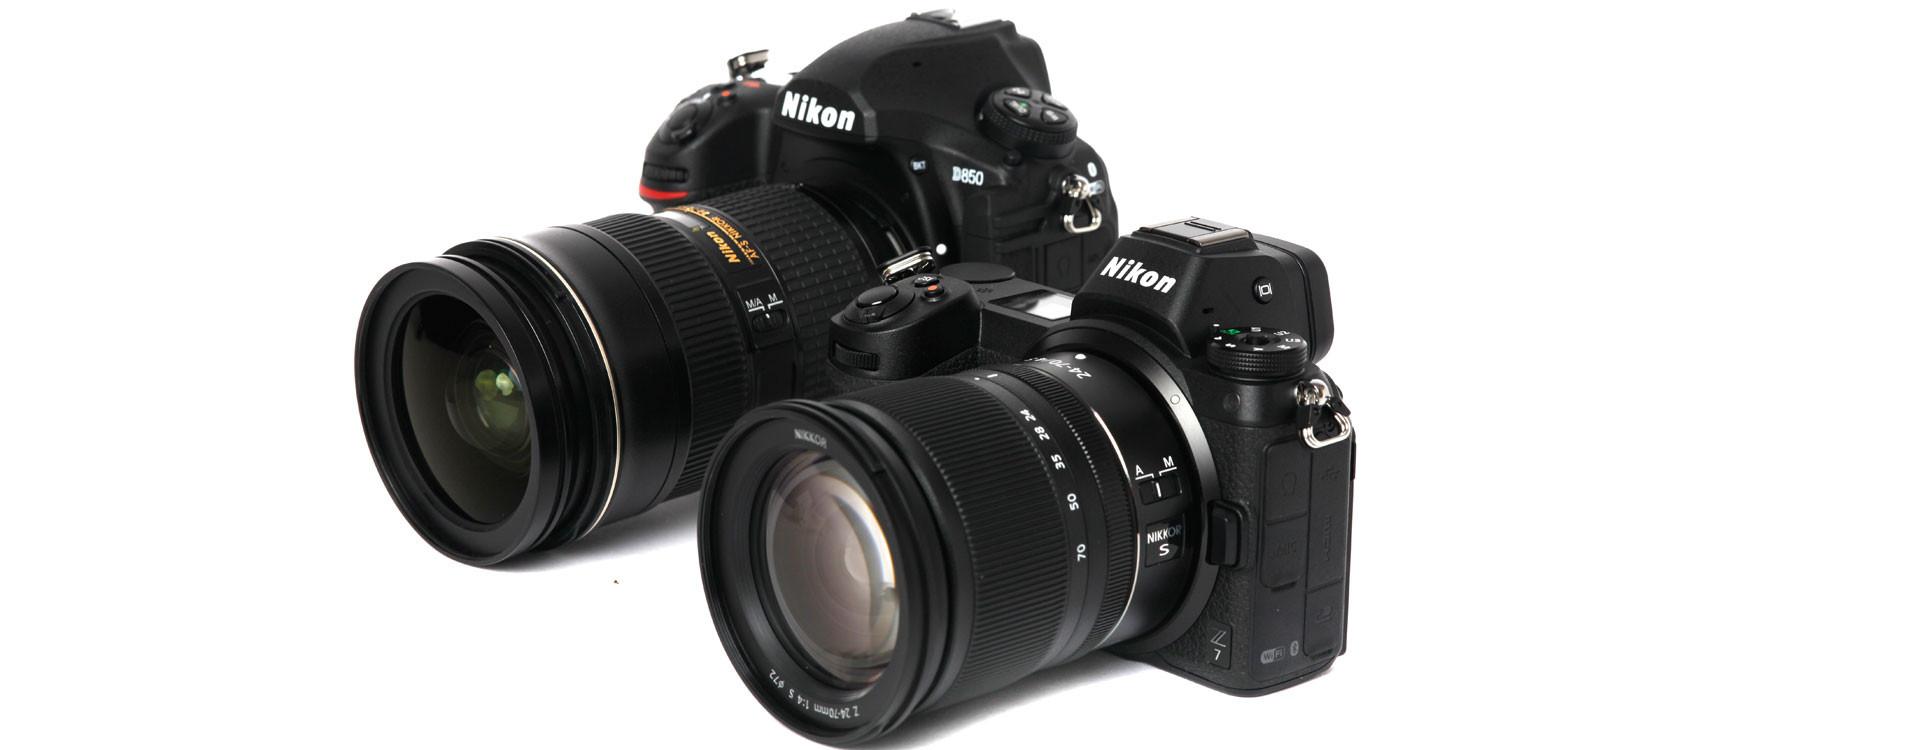 Lustrzanka czy bezlusterkowiec? Nikon D850 vs Nikon Z7